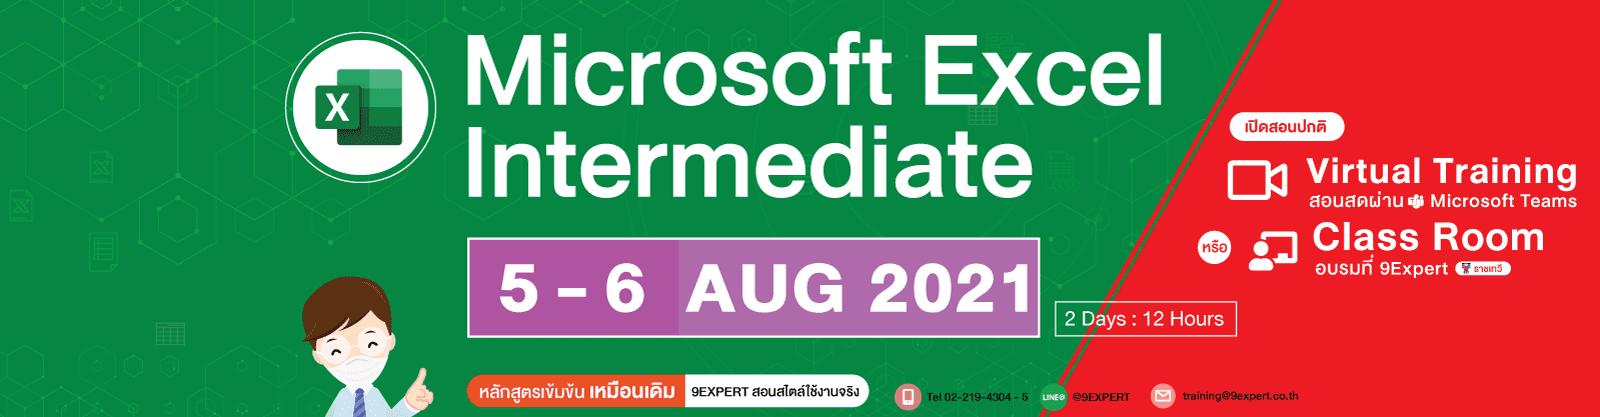 หลักสูตร Microsoft Excel Intermediate (2Days) 5-6 สิงหาคม 2564